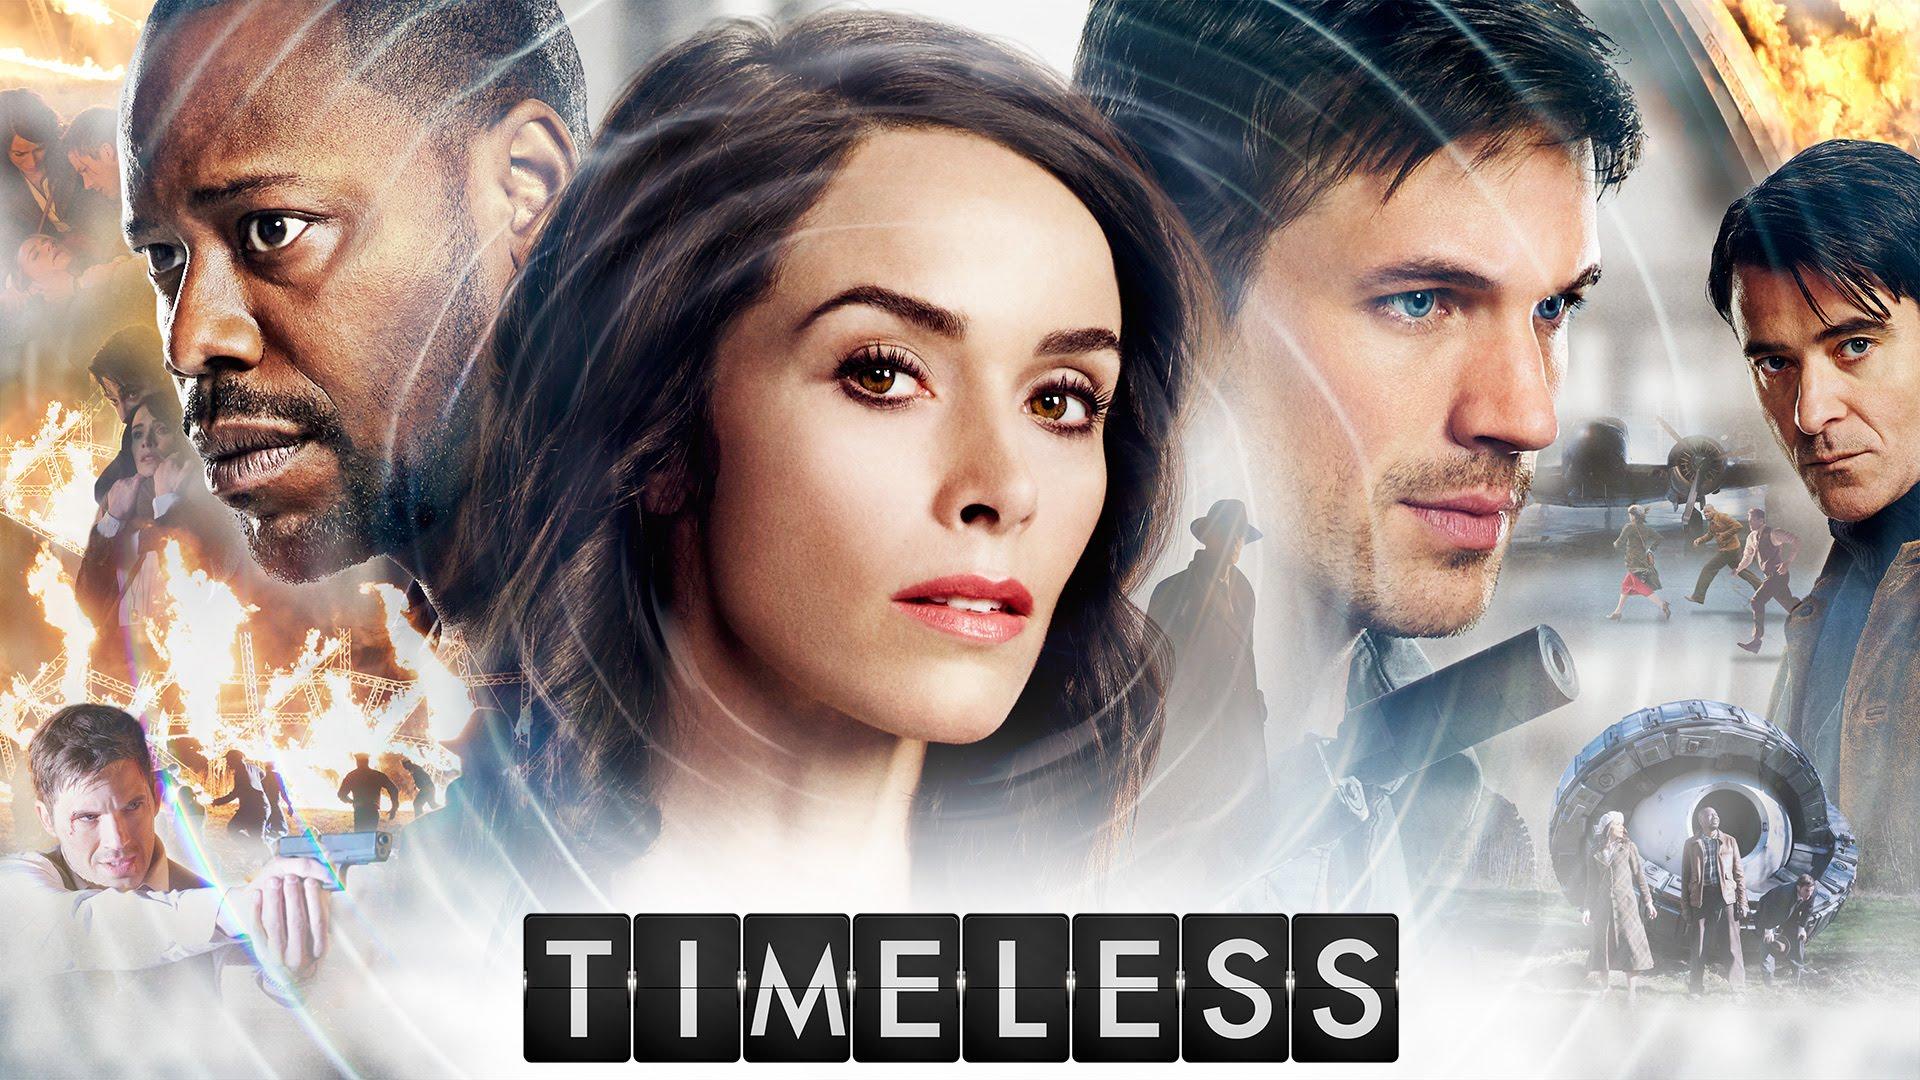 timeless-new-telefilm